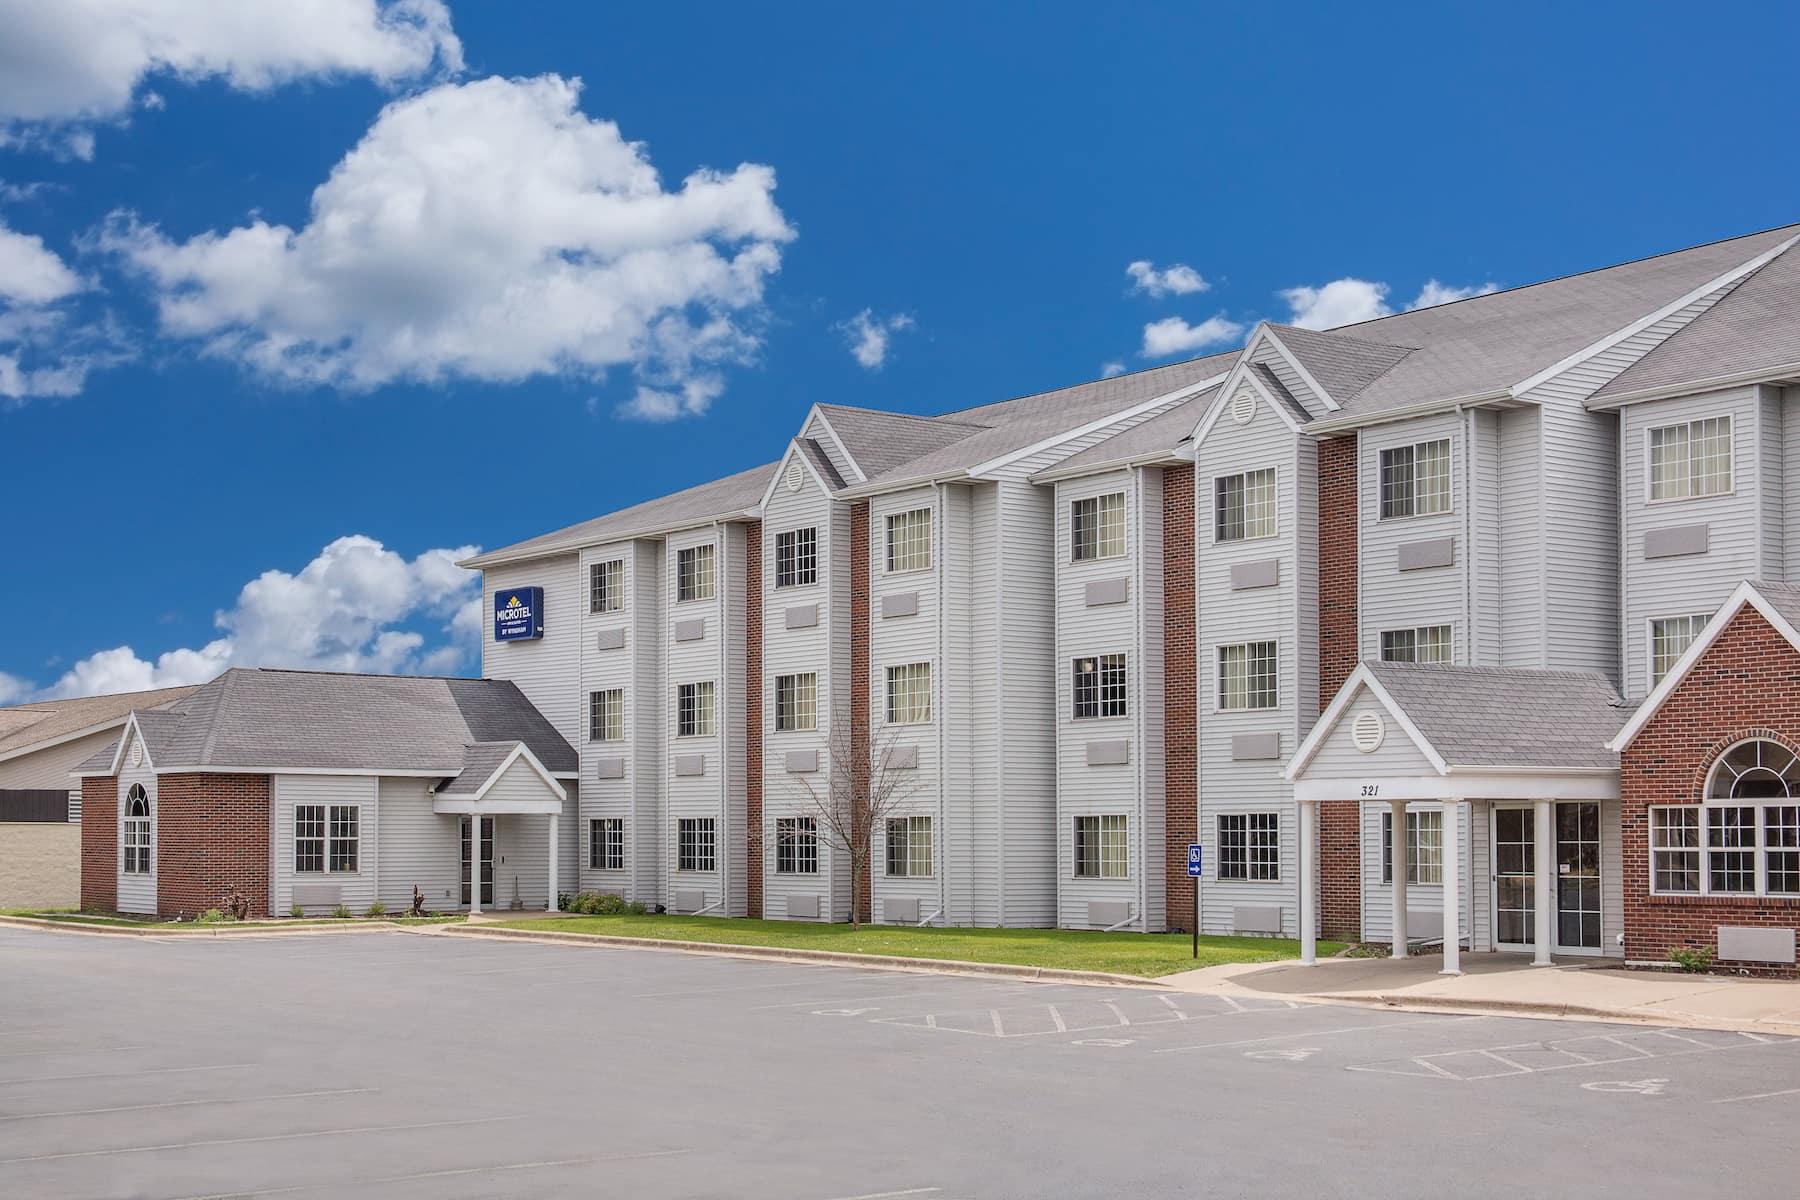 Microtel Inn Amp Suites By Wyndham Appleton Appleton Wi